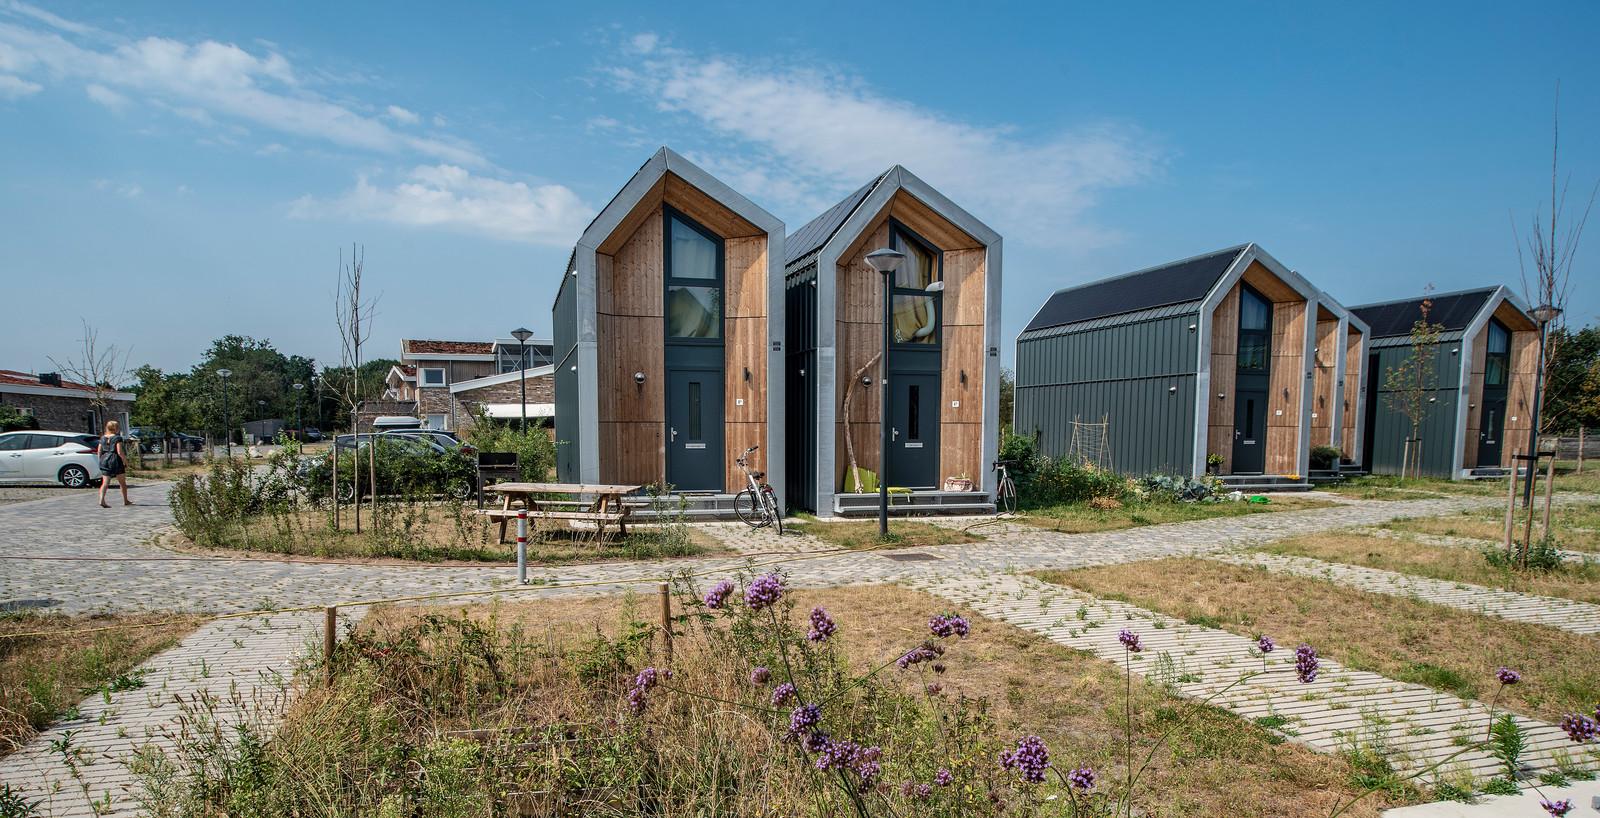 Zo komen de eerste tiny houses in de gemeente Hellendoorn er misschien wel uit te zien, maar niets is nog zeker.